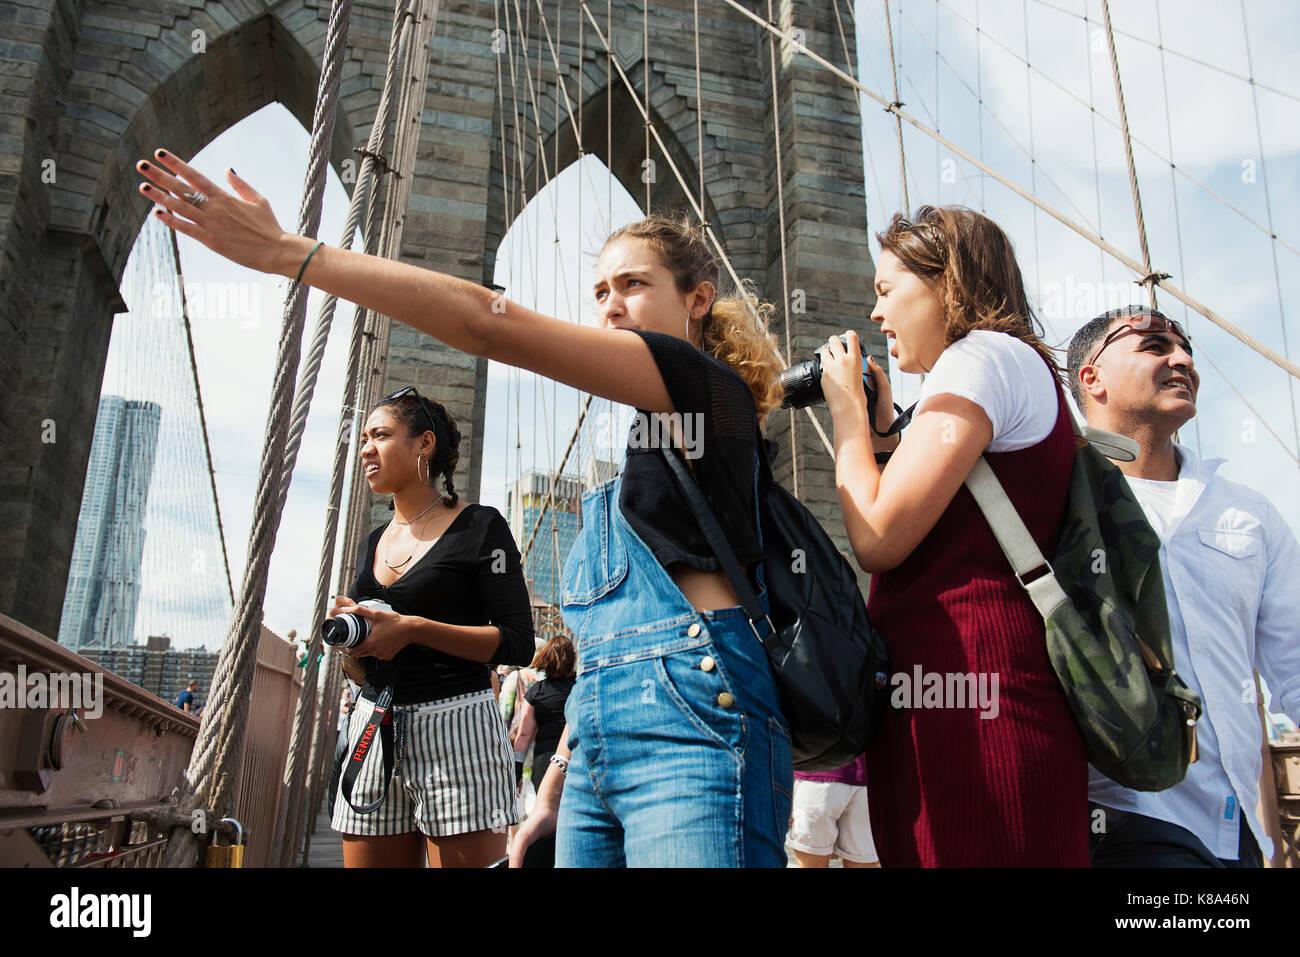 Los turistas en el puente de Brooklyn, Nueva York, Nueva York. Imagen De Stock